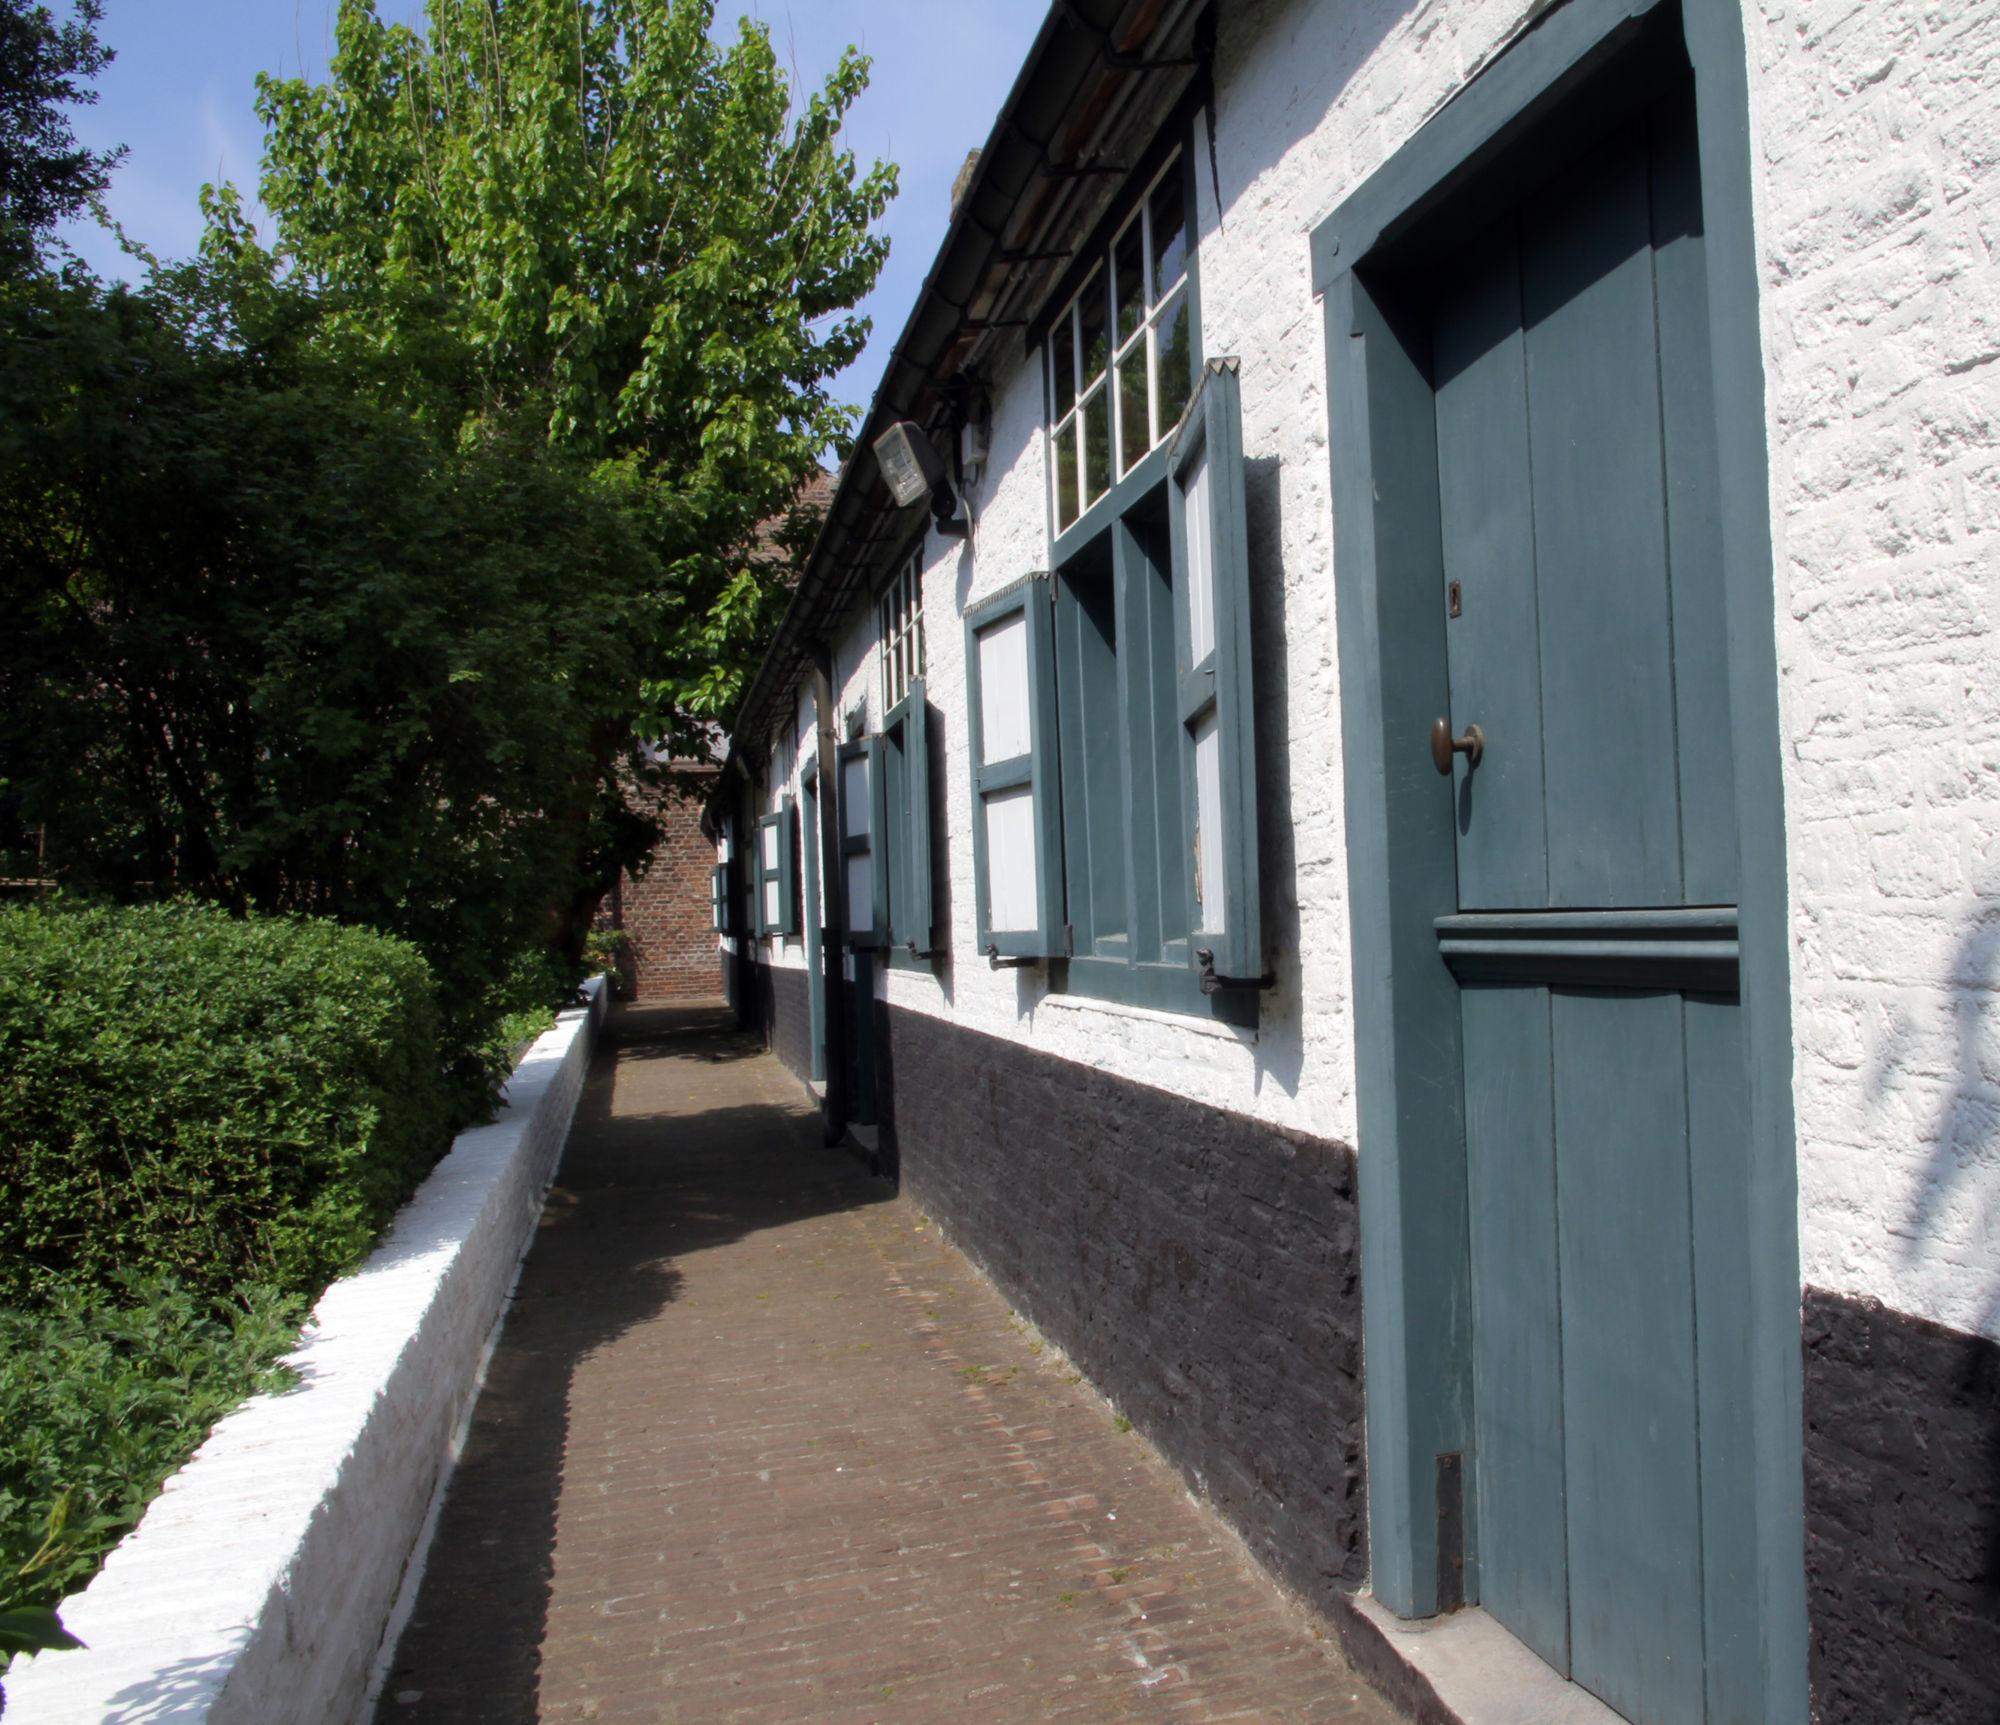 17. Baggaertshof